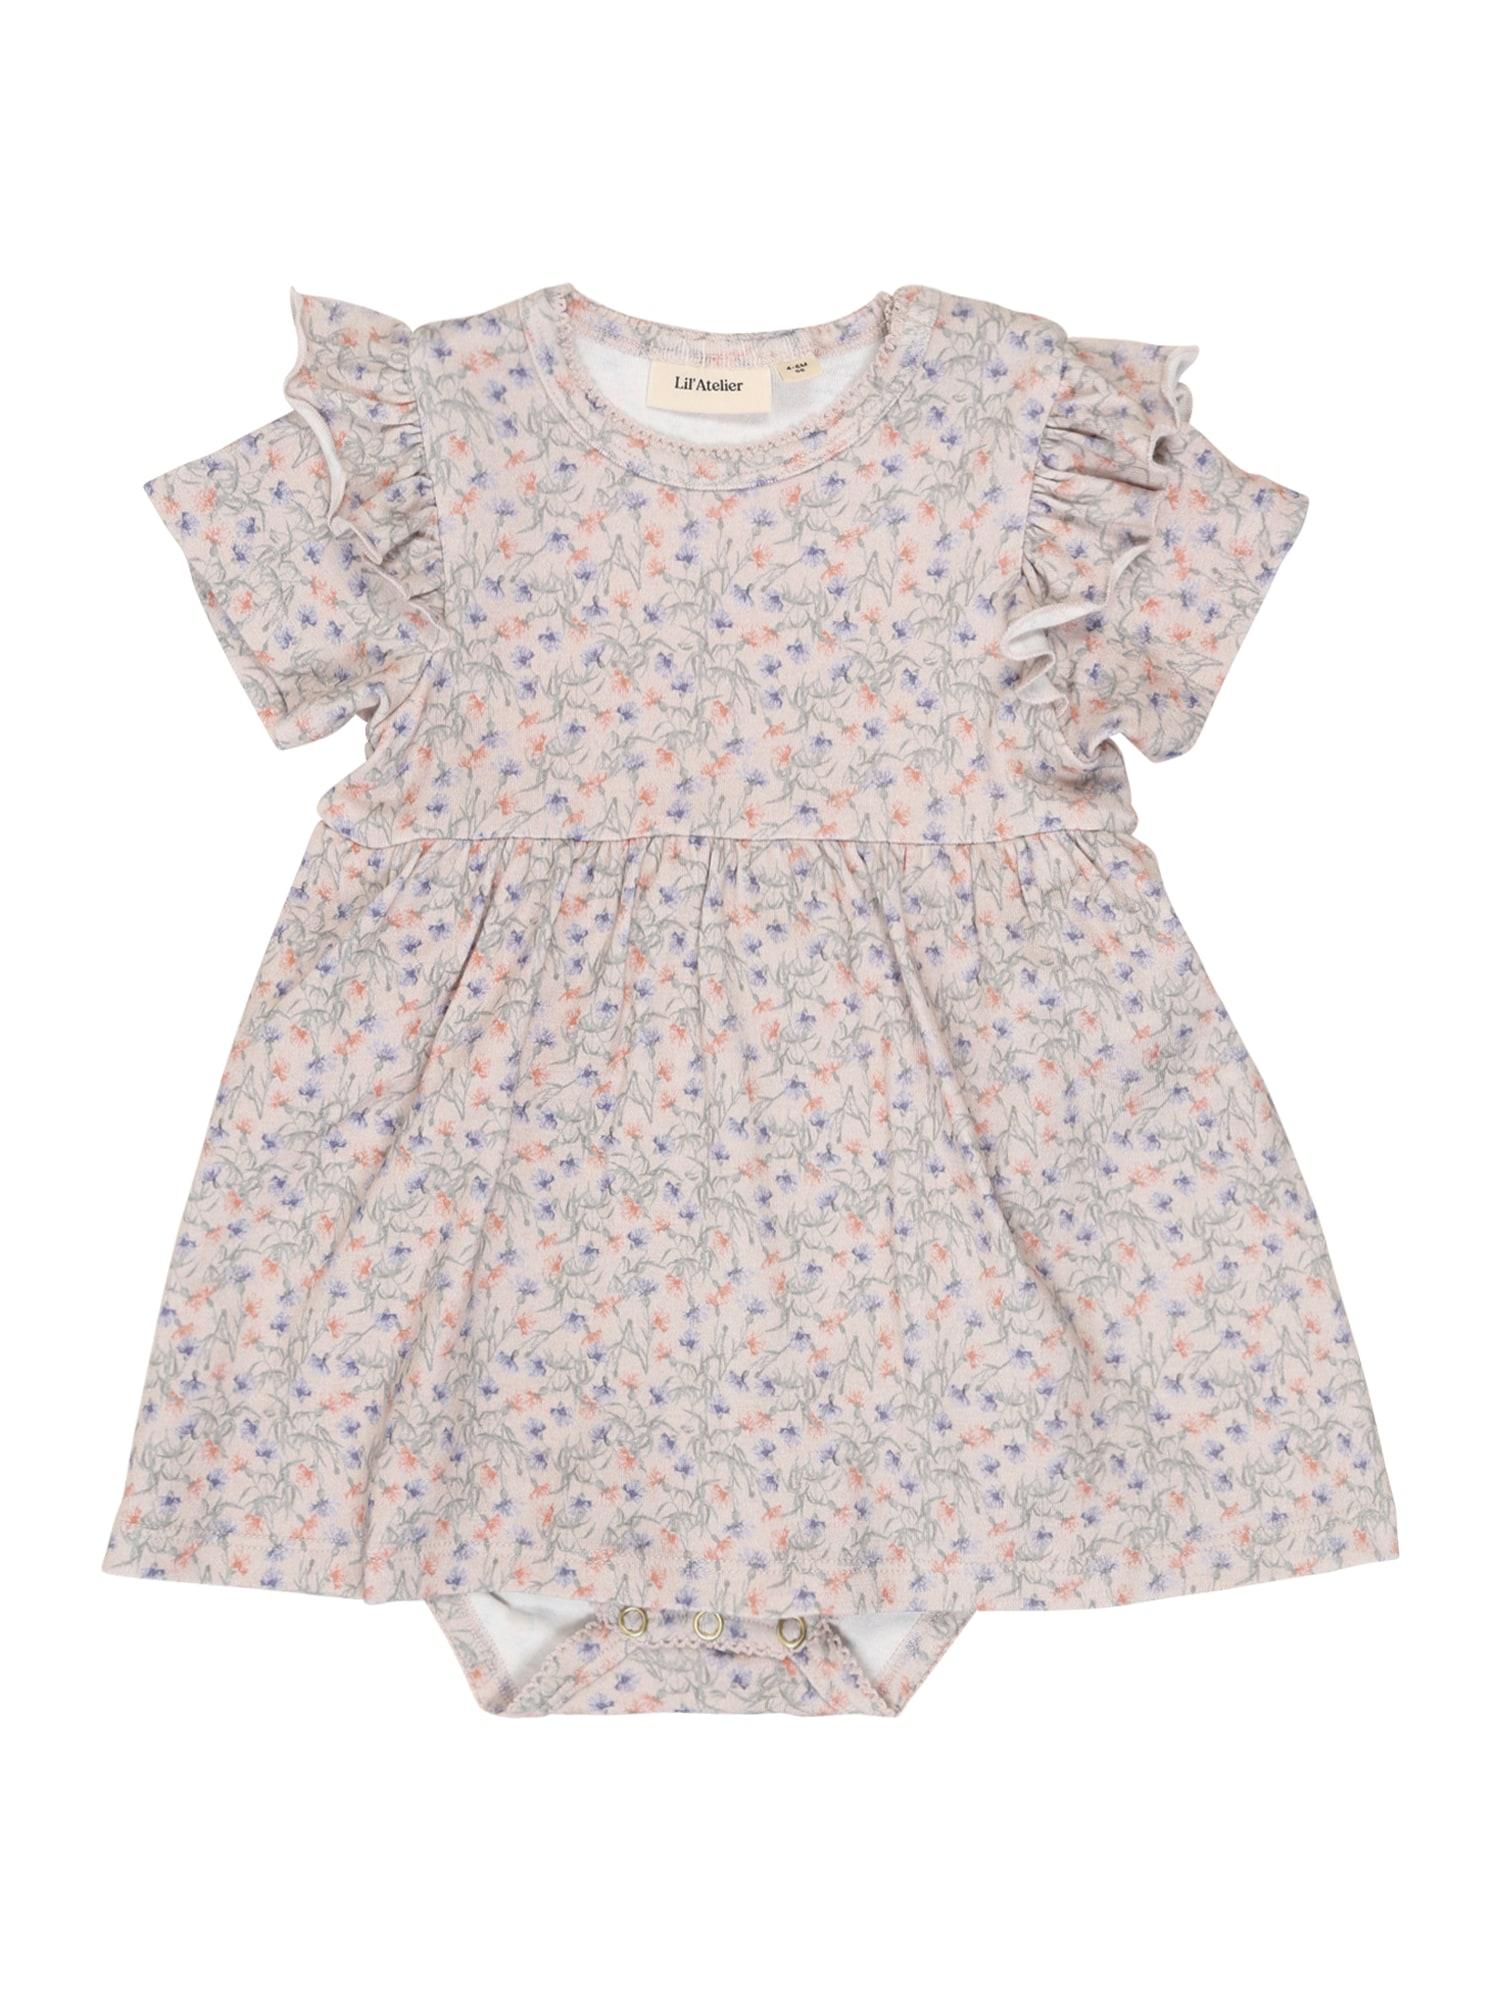 NAME IT Suknelė mišrios spalvos / ryškiai rožinė spalva